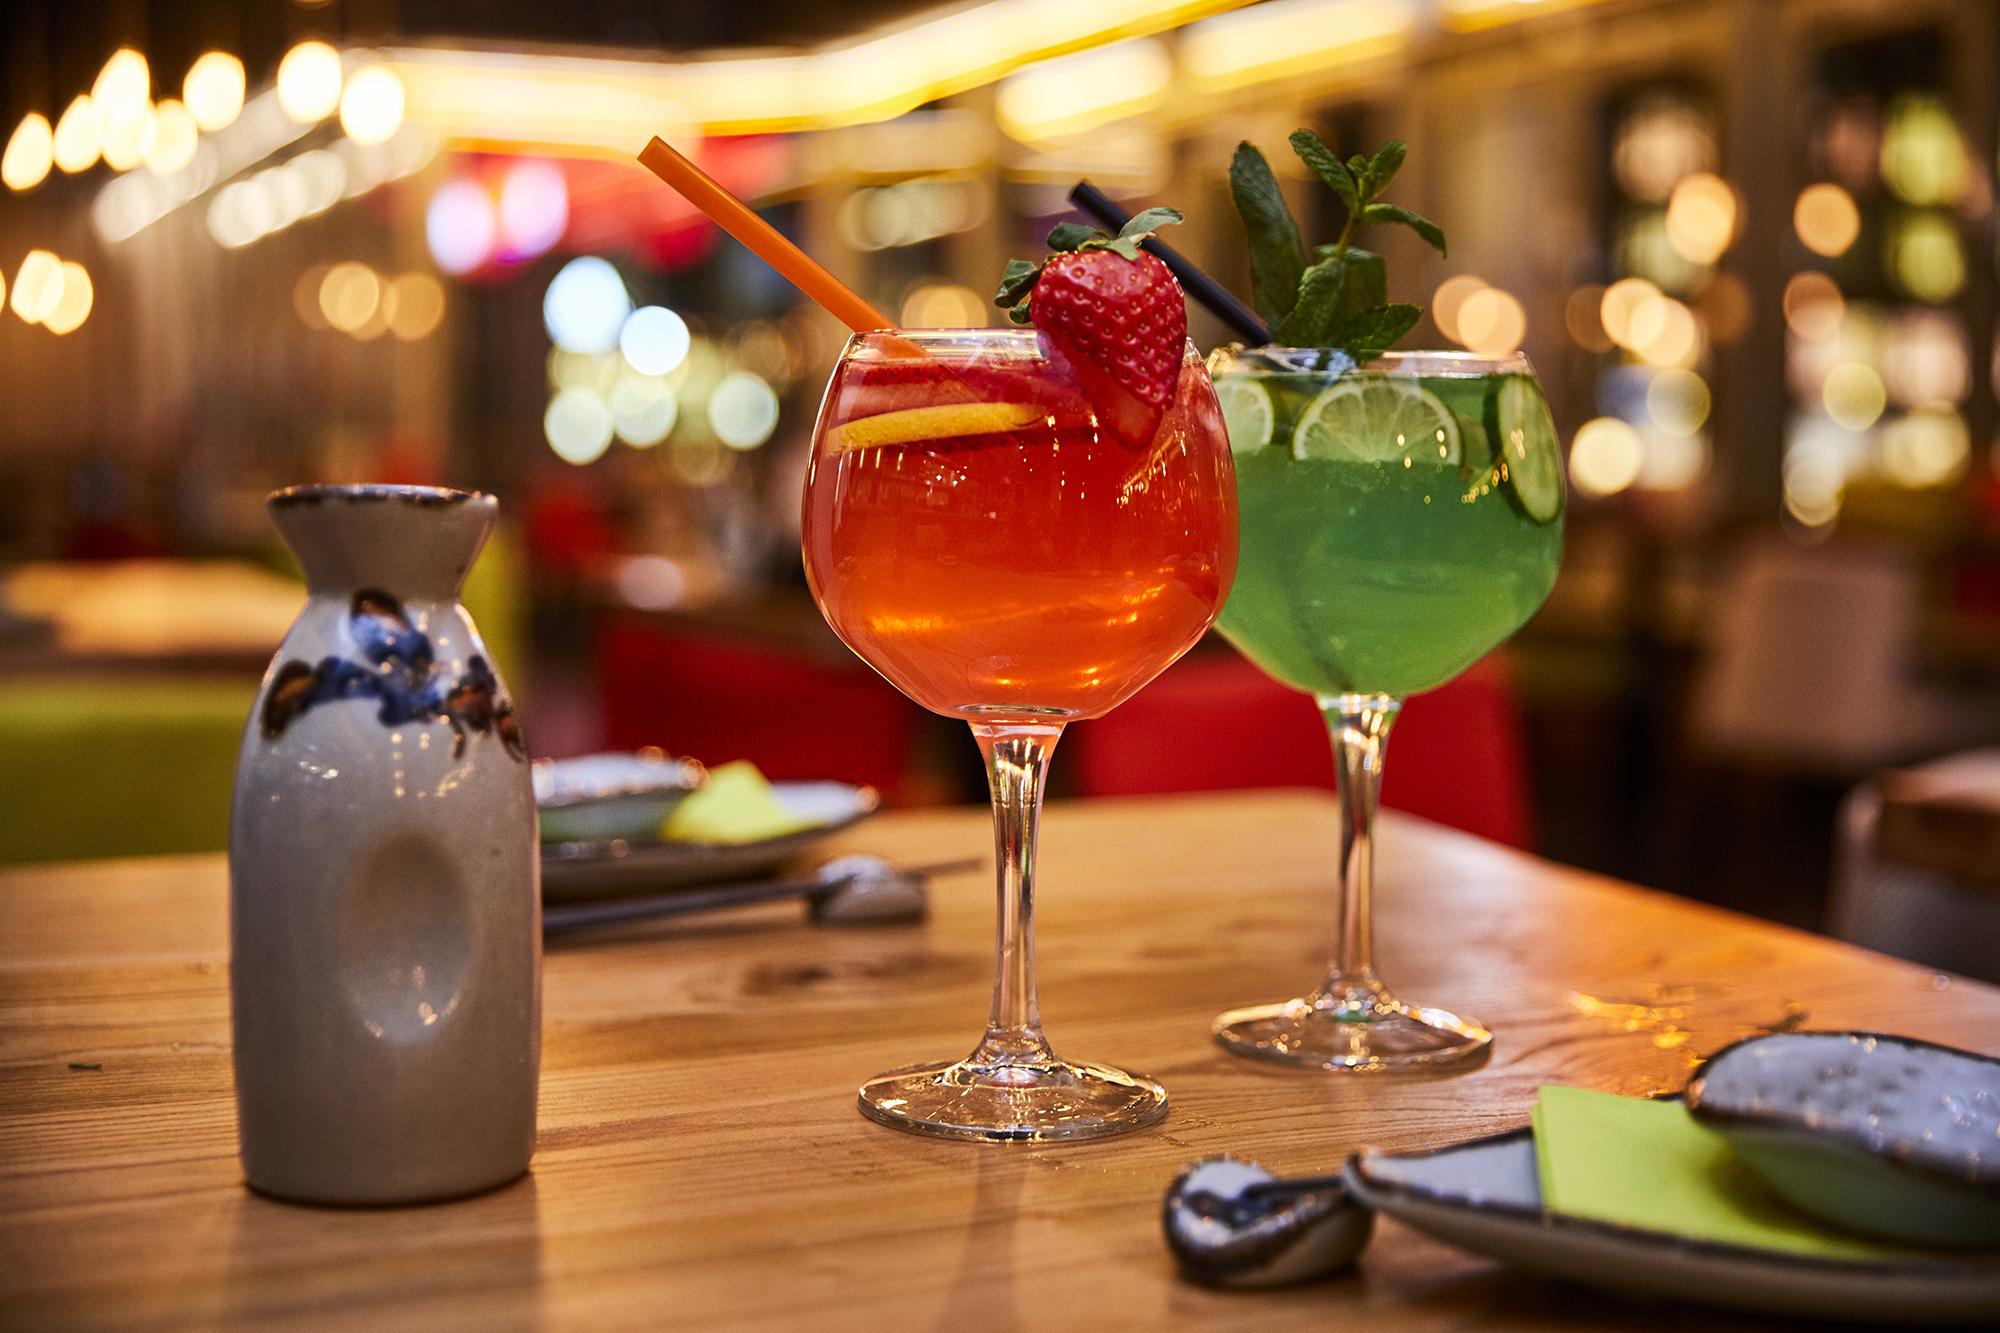 Drinks - kofookoo yam'cha bietet den Gästen zwei Bars mit einer großen Selektion an Getränken. Ob Weine, Gins, Whiskys, Long Drinks oder Cocktails, hier findet jeder das passende Getränk zu unseren vielfältigen Gerichten.